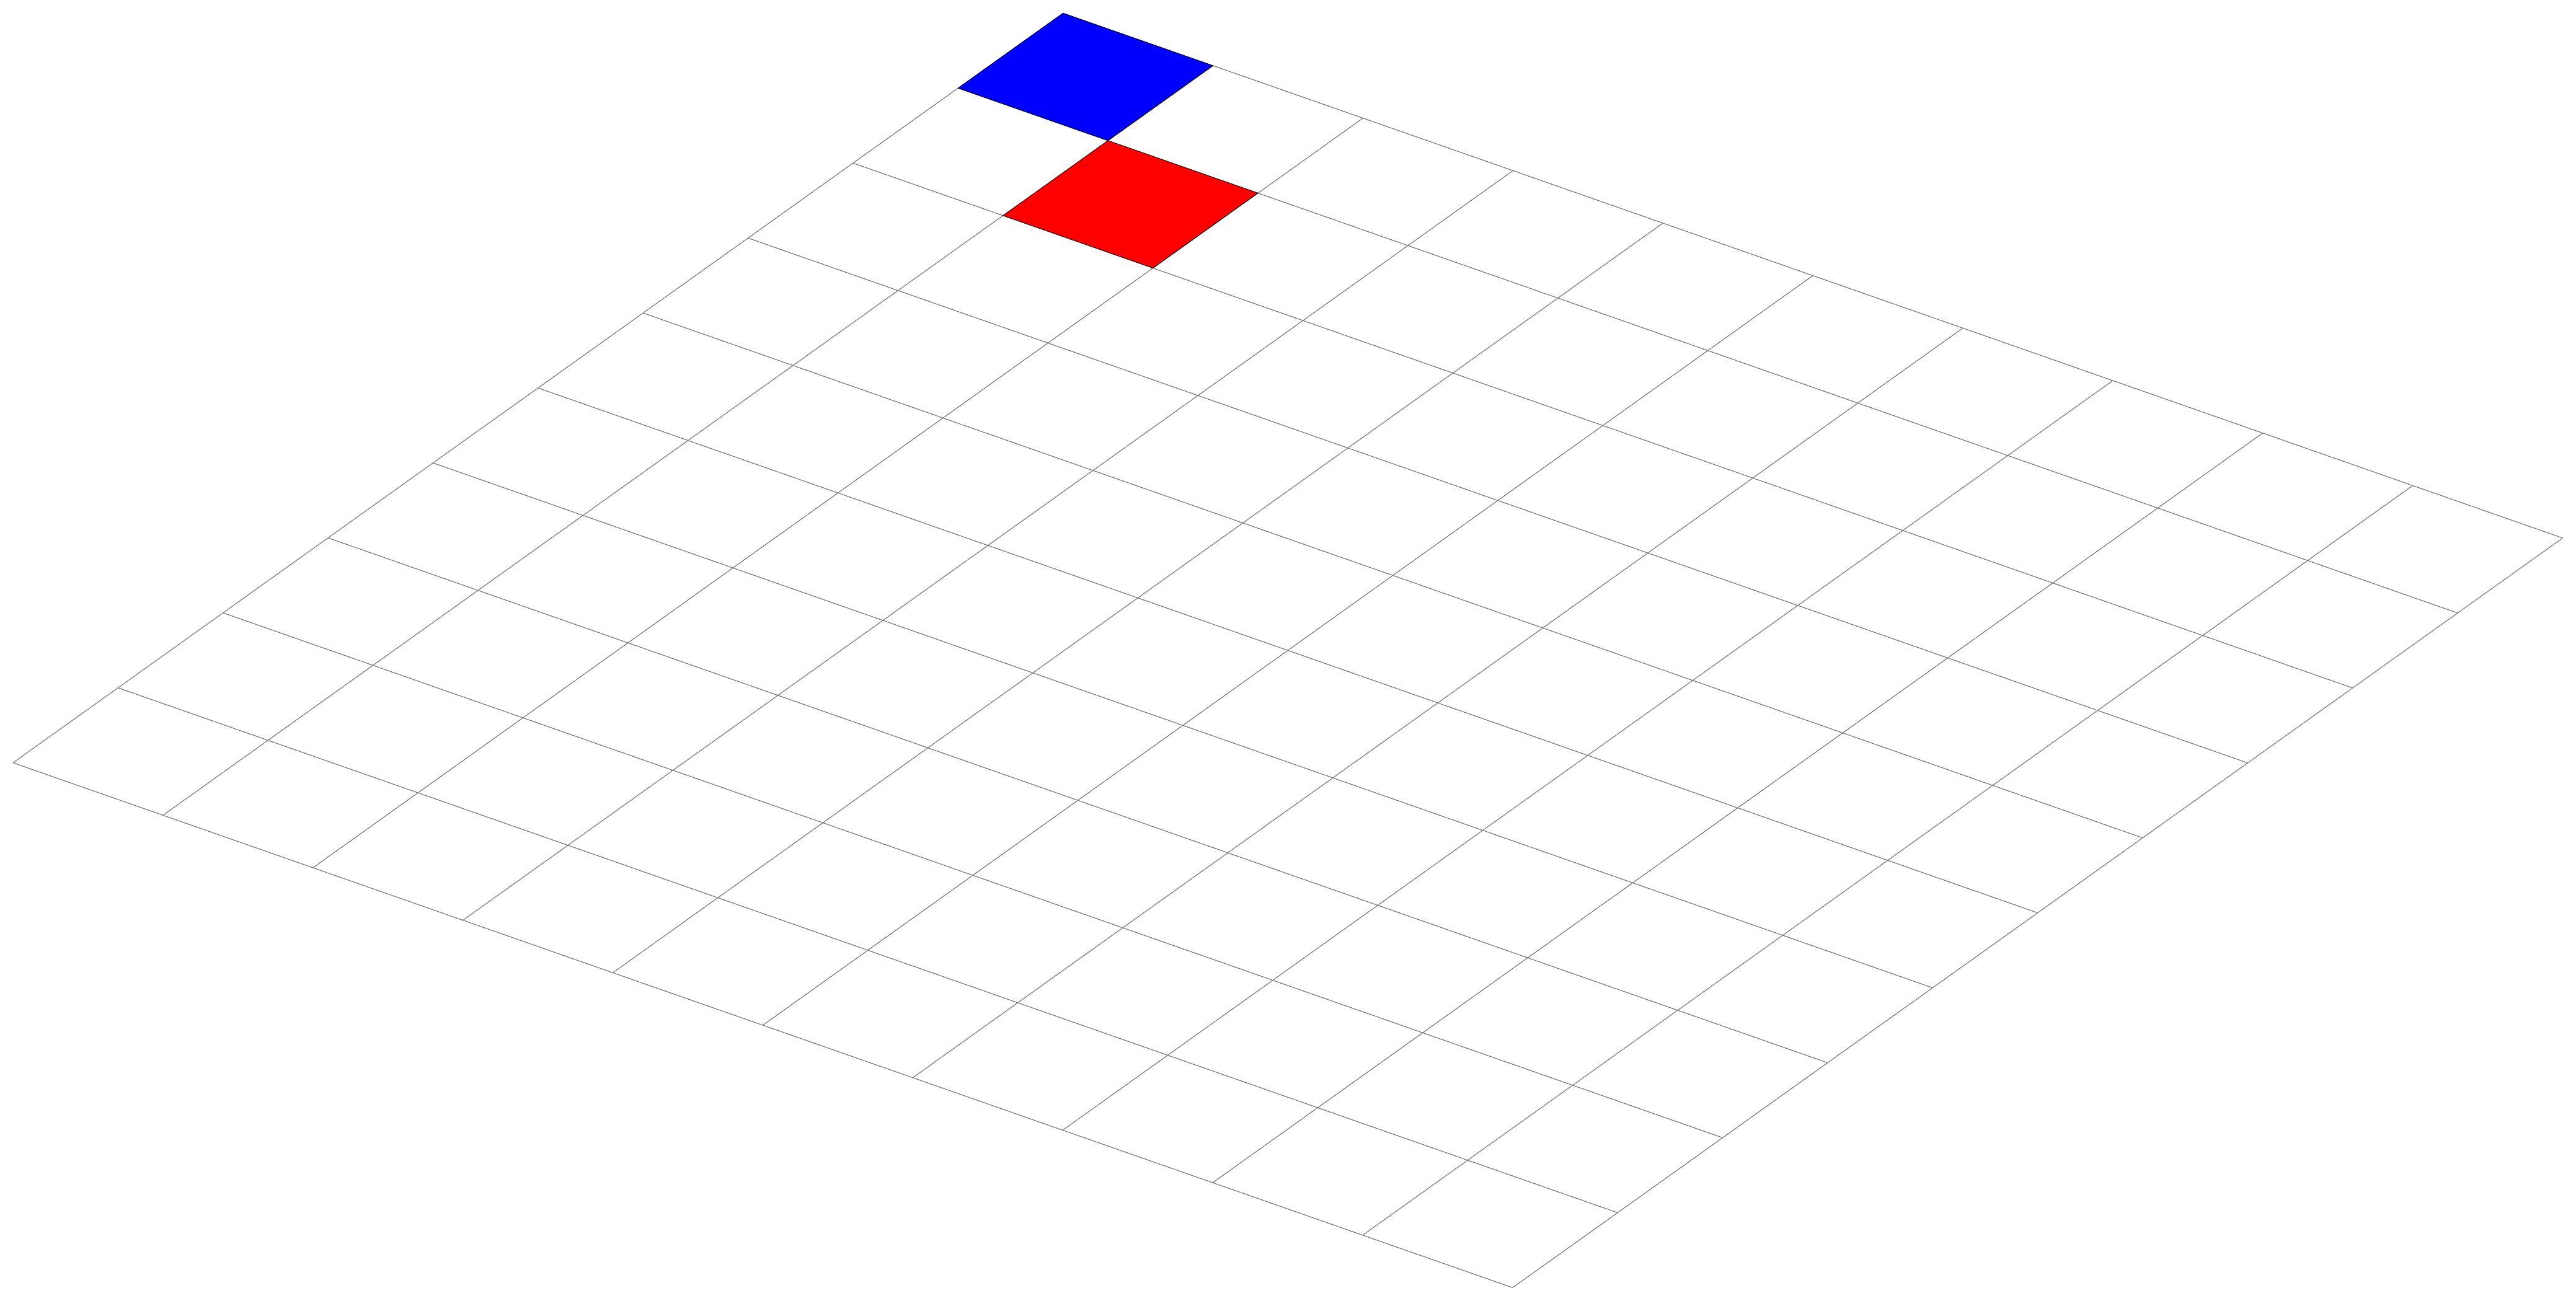 grid_RBG+3d+foreach+learn